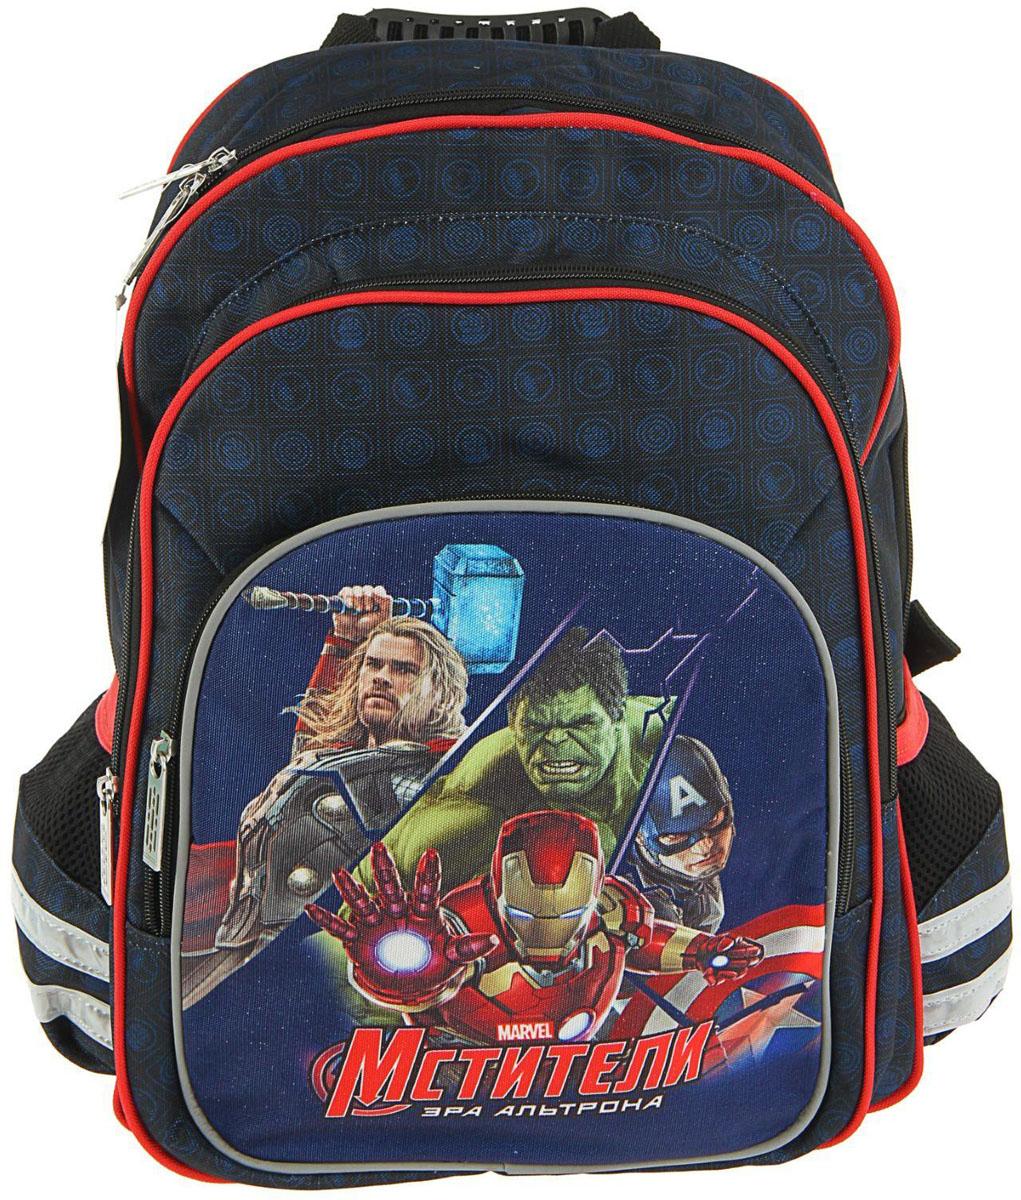 Marvel Рюкзак детский Мстители Команда1399017Рюкзак школьный эргономичная спинка Marvel Мстители Команда 38*28*13 см, для мальчика, черный — это более мягкая, по сравнению с ранцем, эргономичная текстильная школьная сумка, обладающая оригинальным дизайном и большой вместительностью.В спинку такого рюкзака вставлена пенка, а на местах максимального соприкосновения с телом ребёнка (лопатки, поясница, плечи) ещё и нашиты дополнительные мягкие подушечки, которые дают возможность циркулировать воздуху, обеспечивая комфортные ощущения для спины.Именно такой рюкзак, по мнению врачей-ортопедов, считается оптимальным для школьников начальных и средних классов.